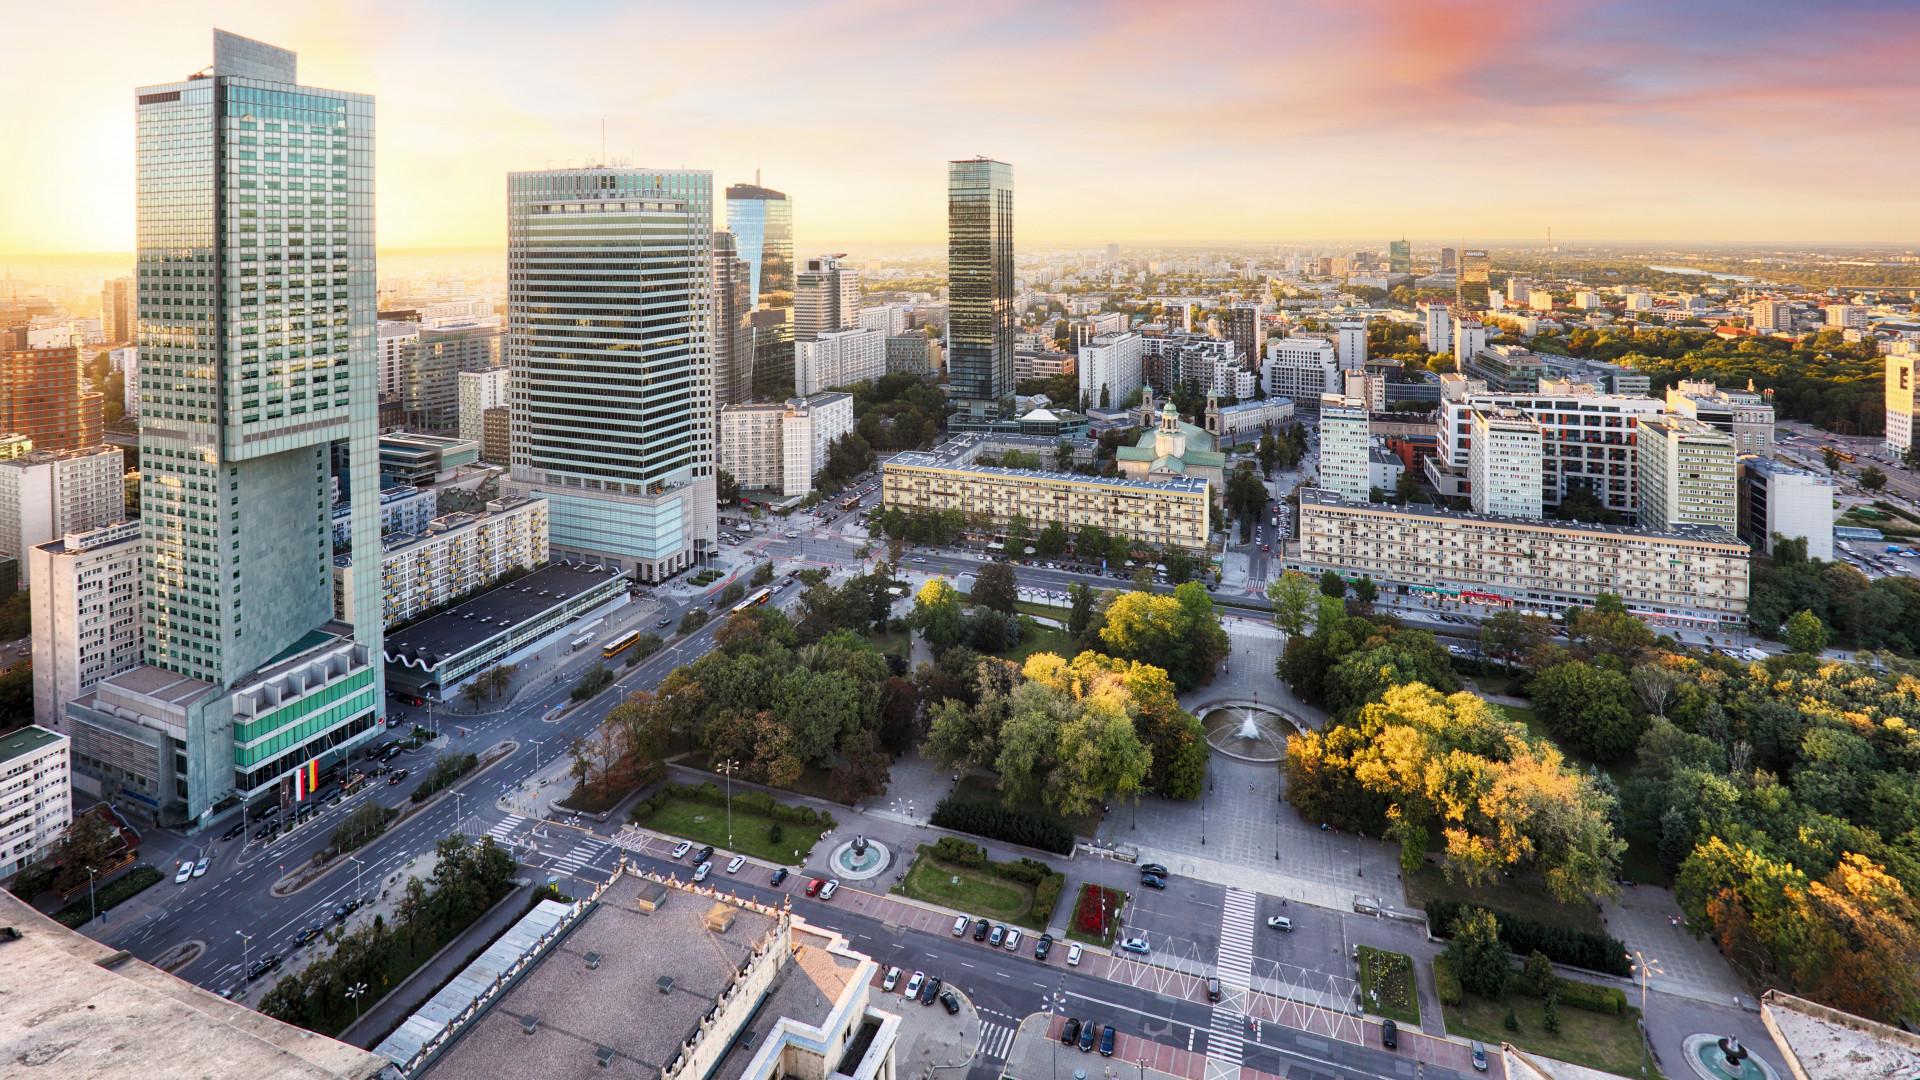 Ingatlanbefektetések: Lengyelország és Csehország nyomába sem érünk